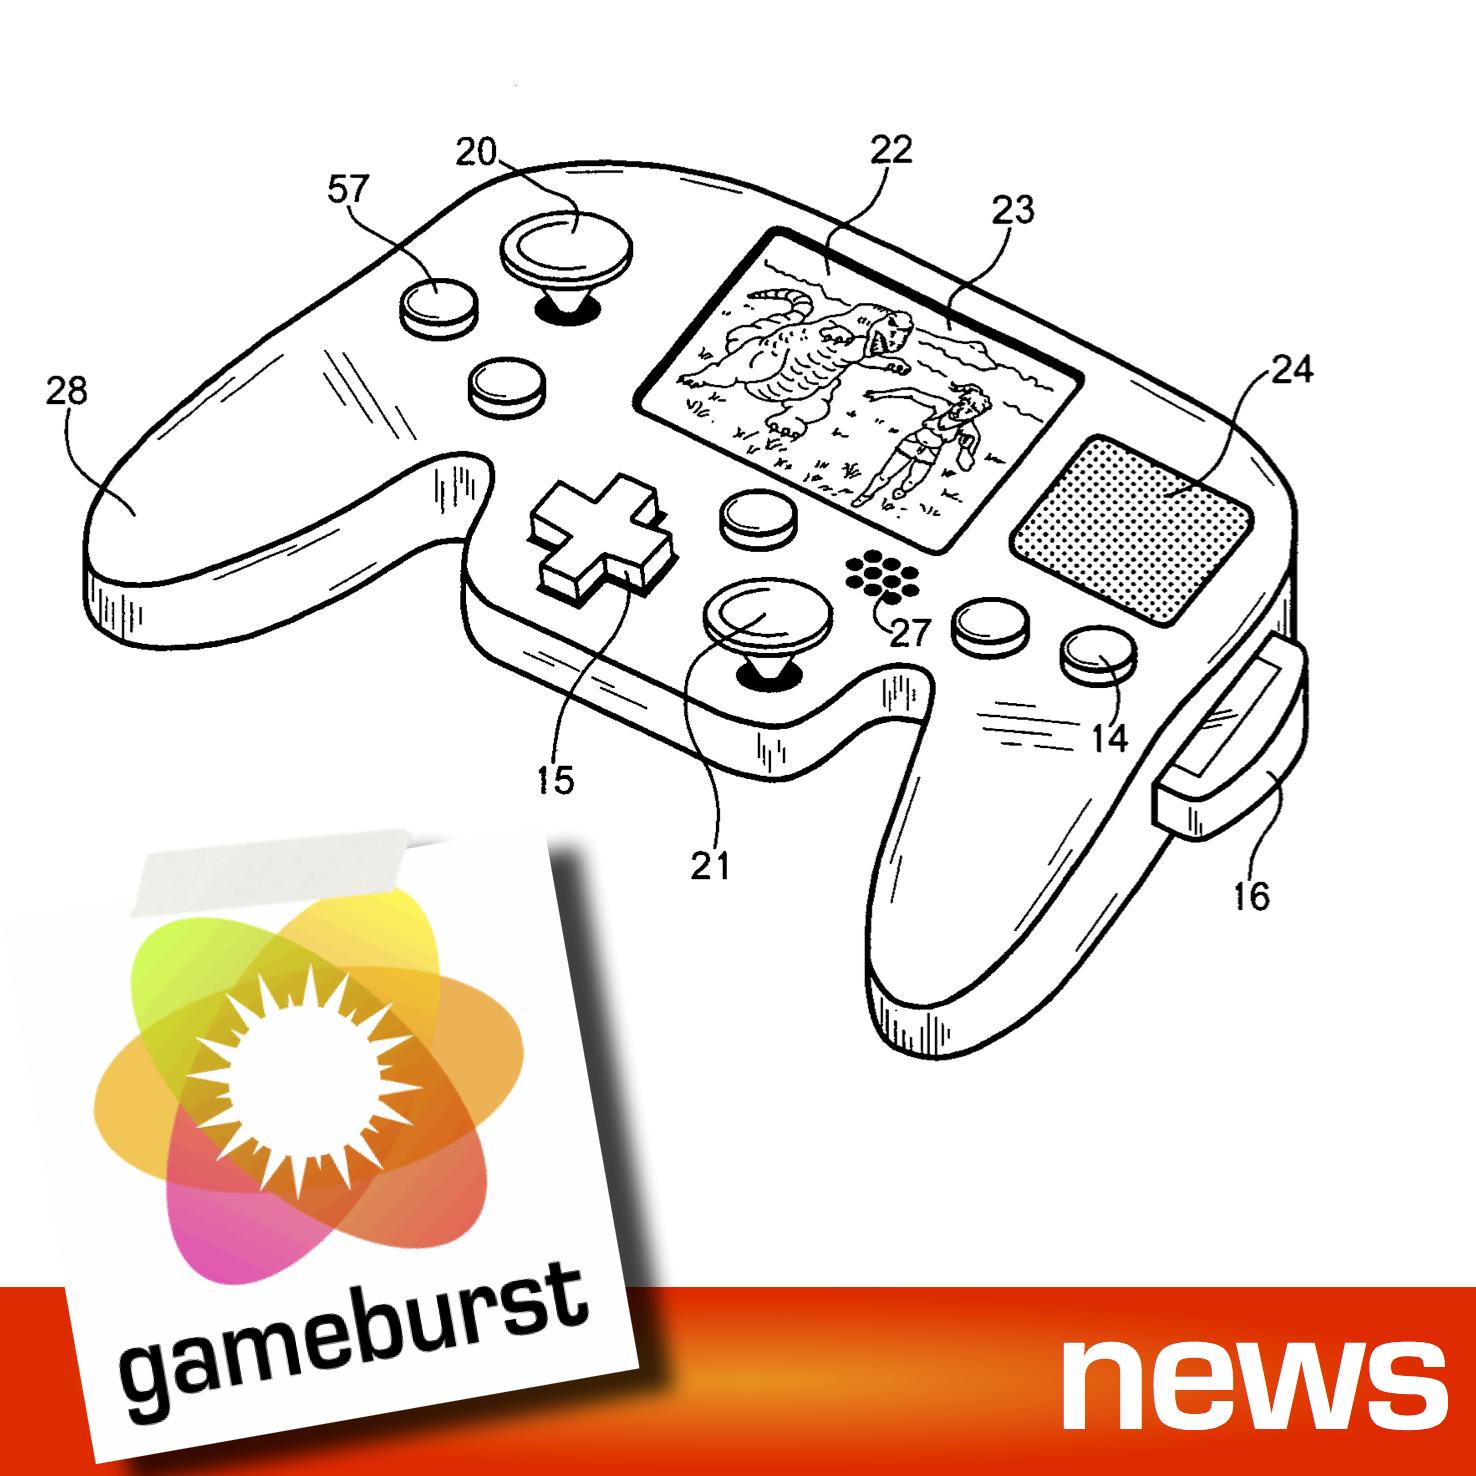 GameBurst News - September 9th 2012